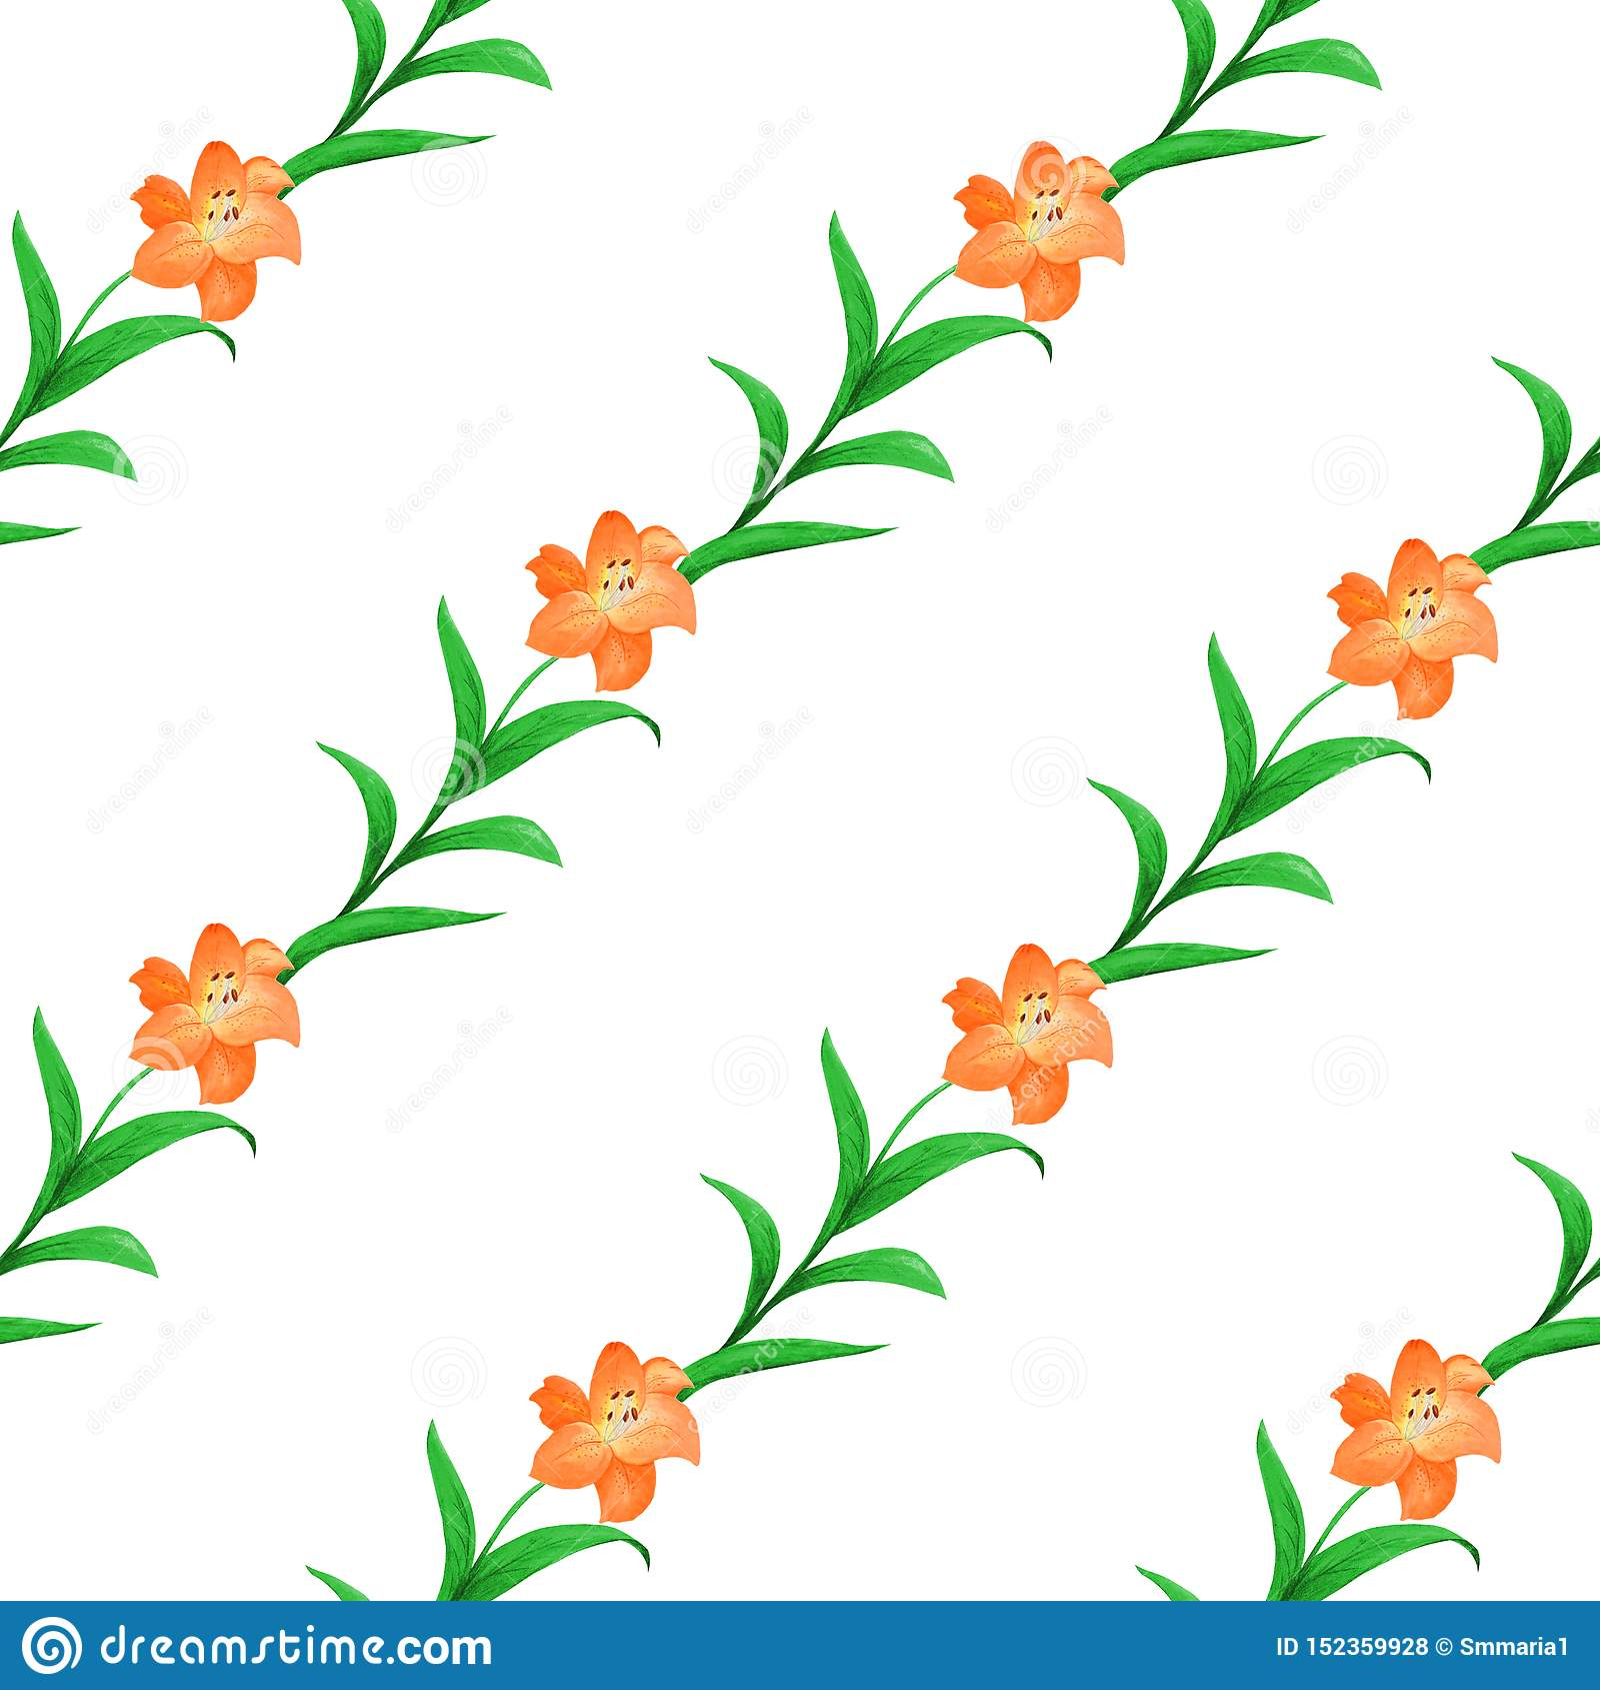 Teste padrão sem emenda simples de lírios alaranjados com as folhas verdes entrelaçadas em um fundo branco